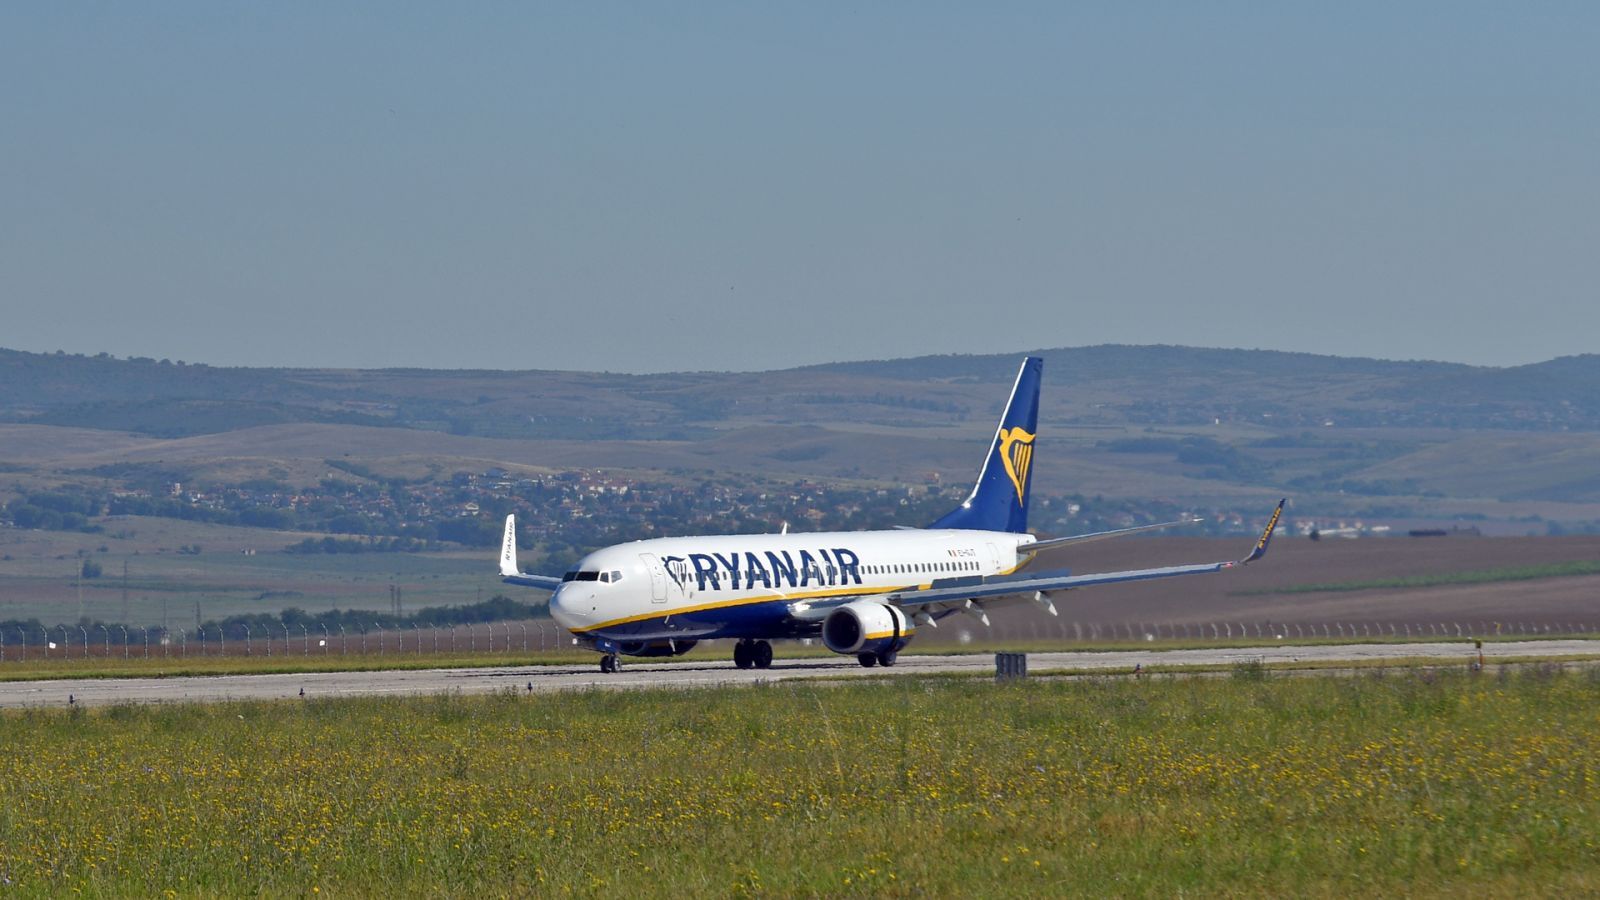 От 3 юли 2020 г. Ryanair възобнови полетите от Бургас, пуска билети до 6 дестинации с цена от 37,16 лв. (Голяма Бургаска Галерия)